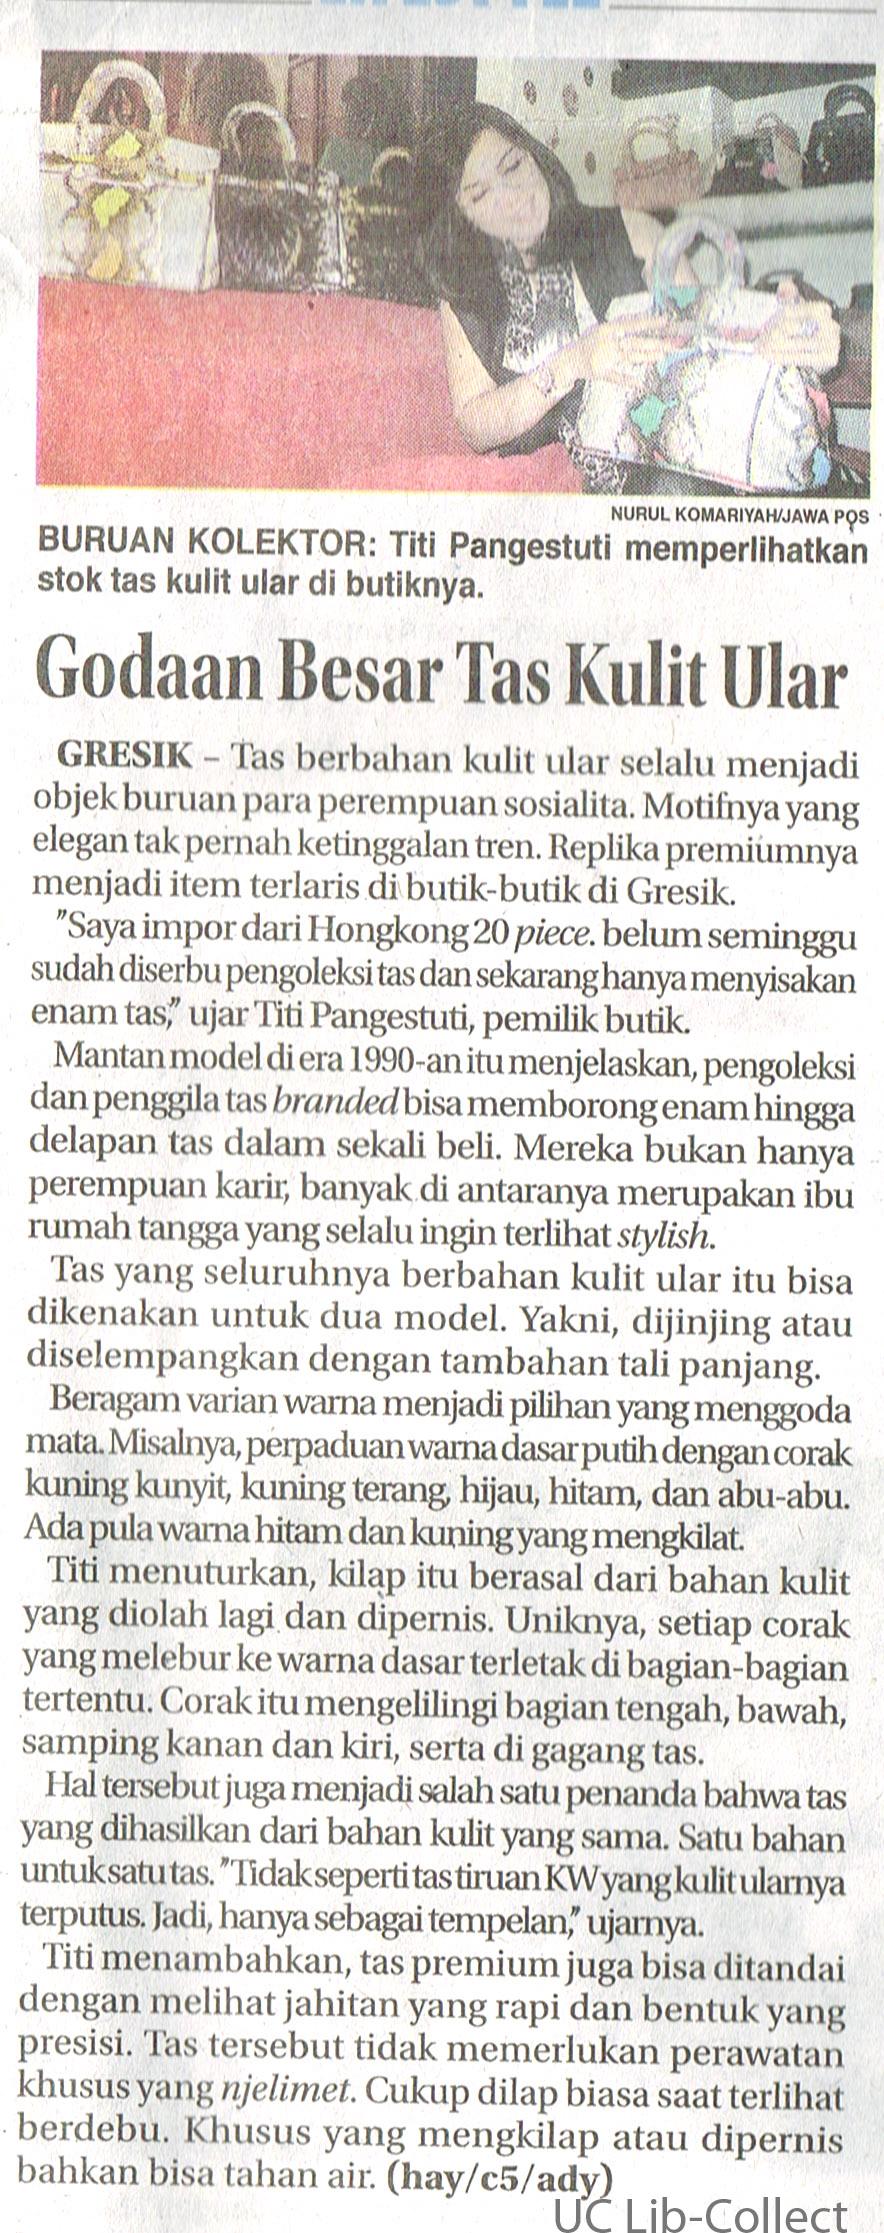 Godaan Besar Tas Kulit Ular. Jawa Pos. 23 Juli 2016. Hal 37